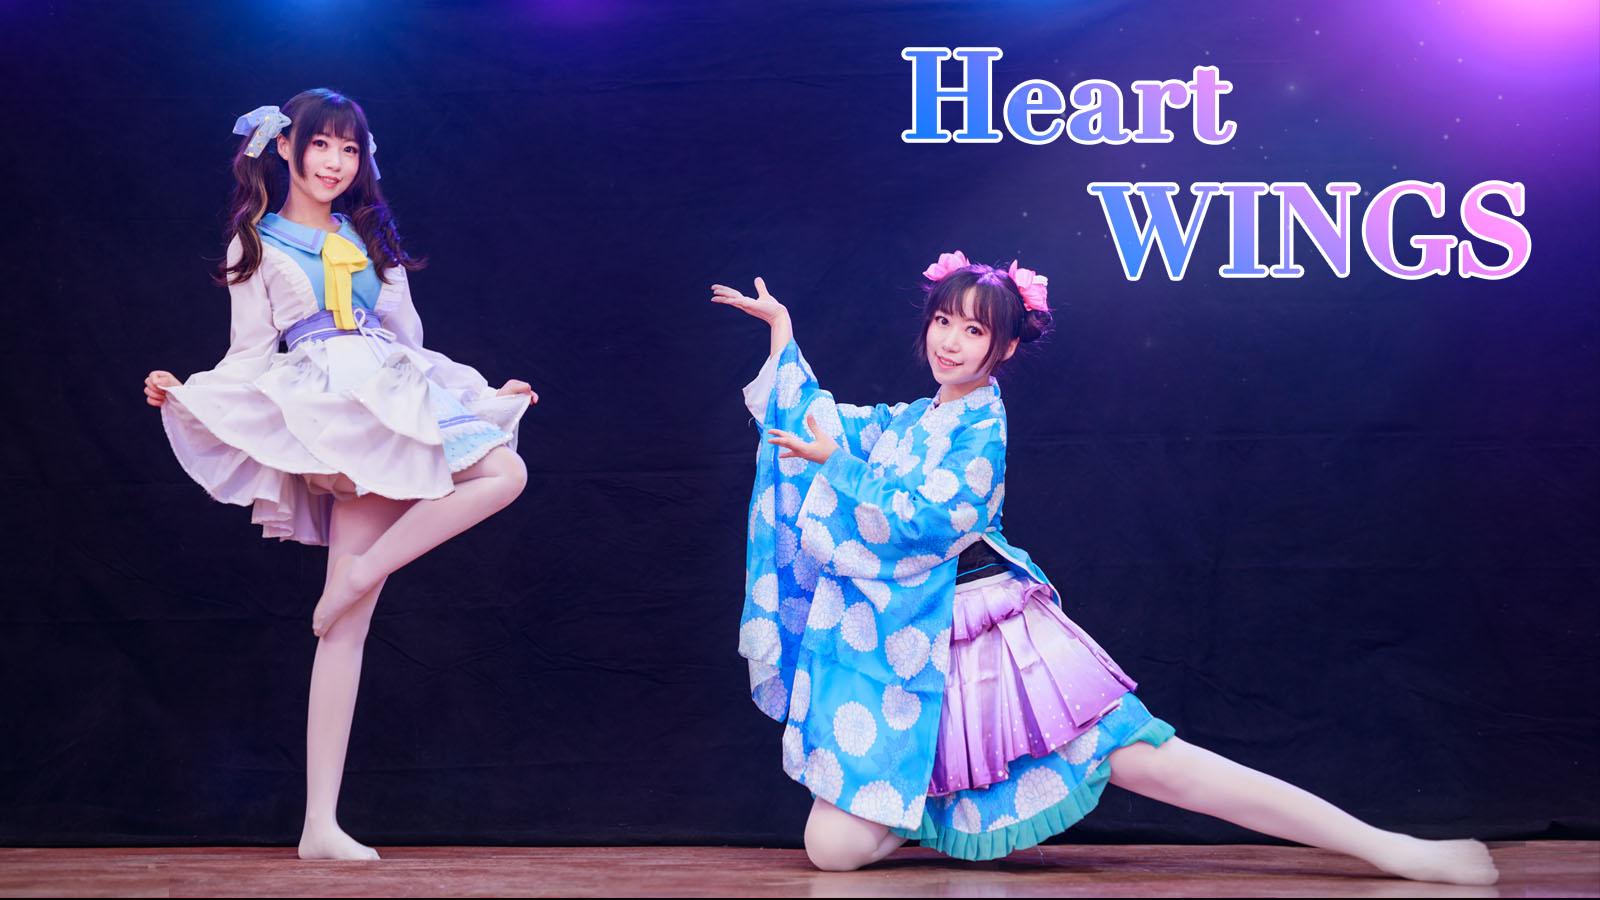 【聆风】Heart Wings双马尾偶像究极进化